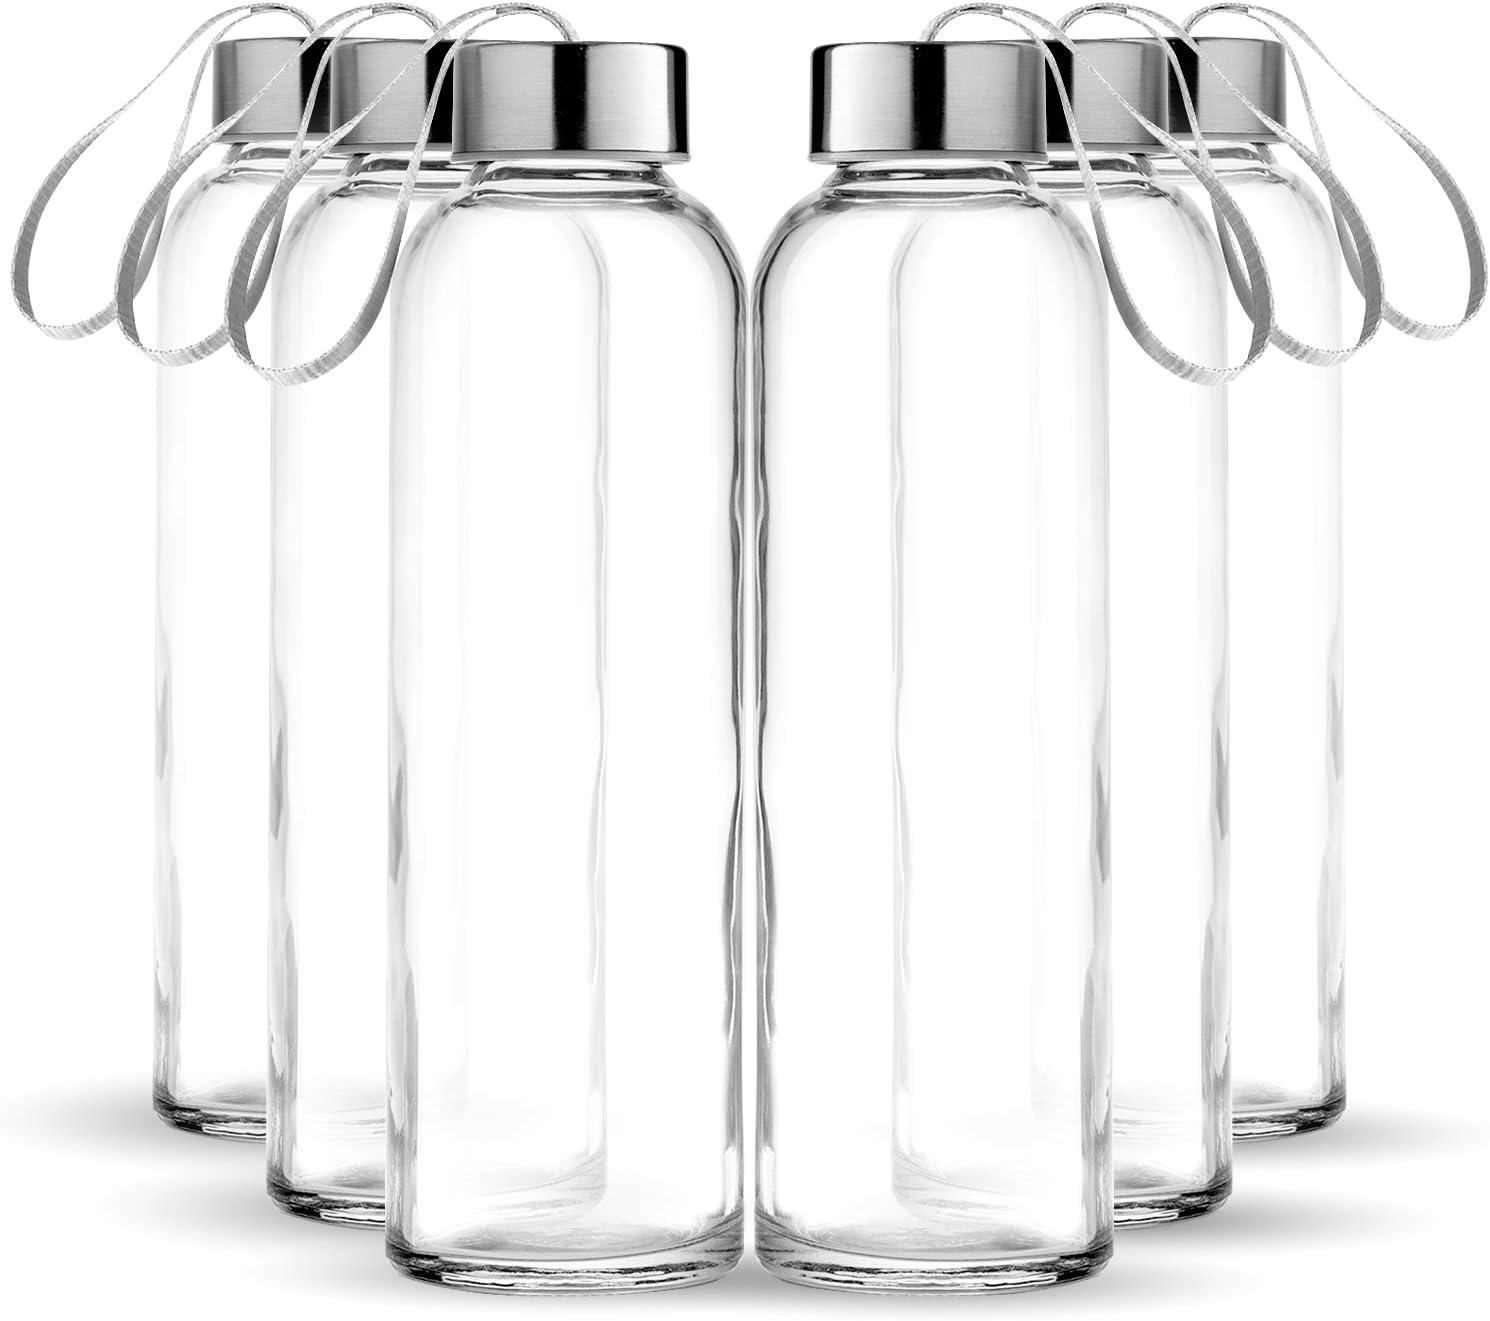 Chef's Star - Juego de 6 botellas de agua de cristal con capacidad de 0,47 litros, tapas de acero inoxidable, correas portátiles para bebidas y zumos